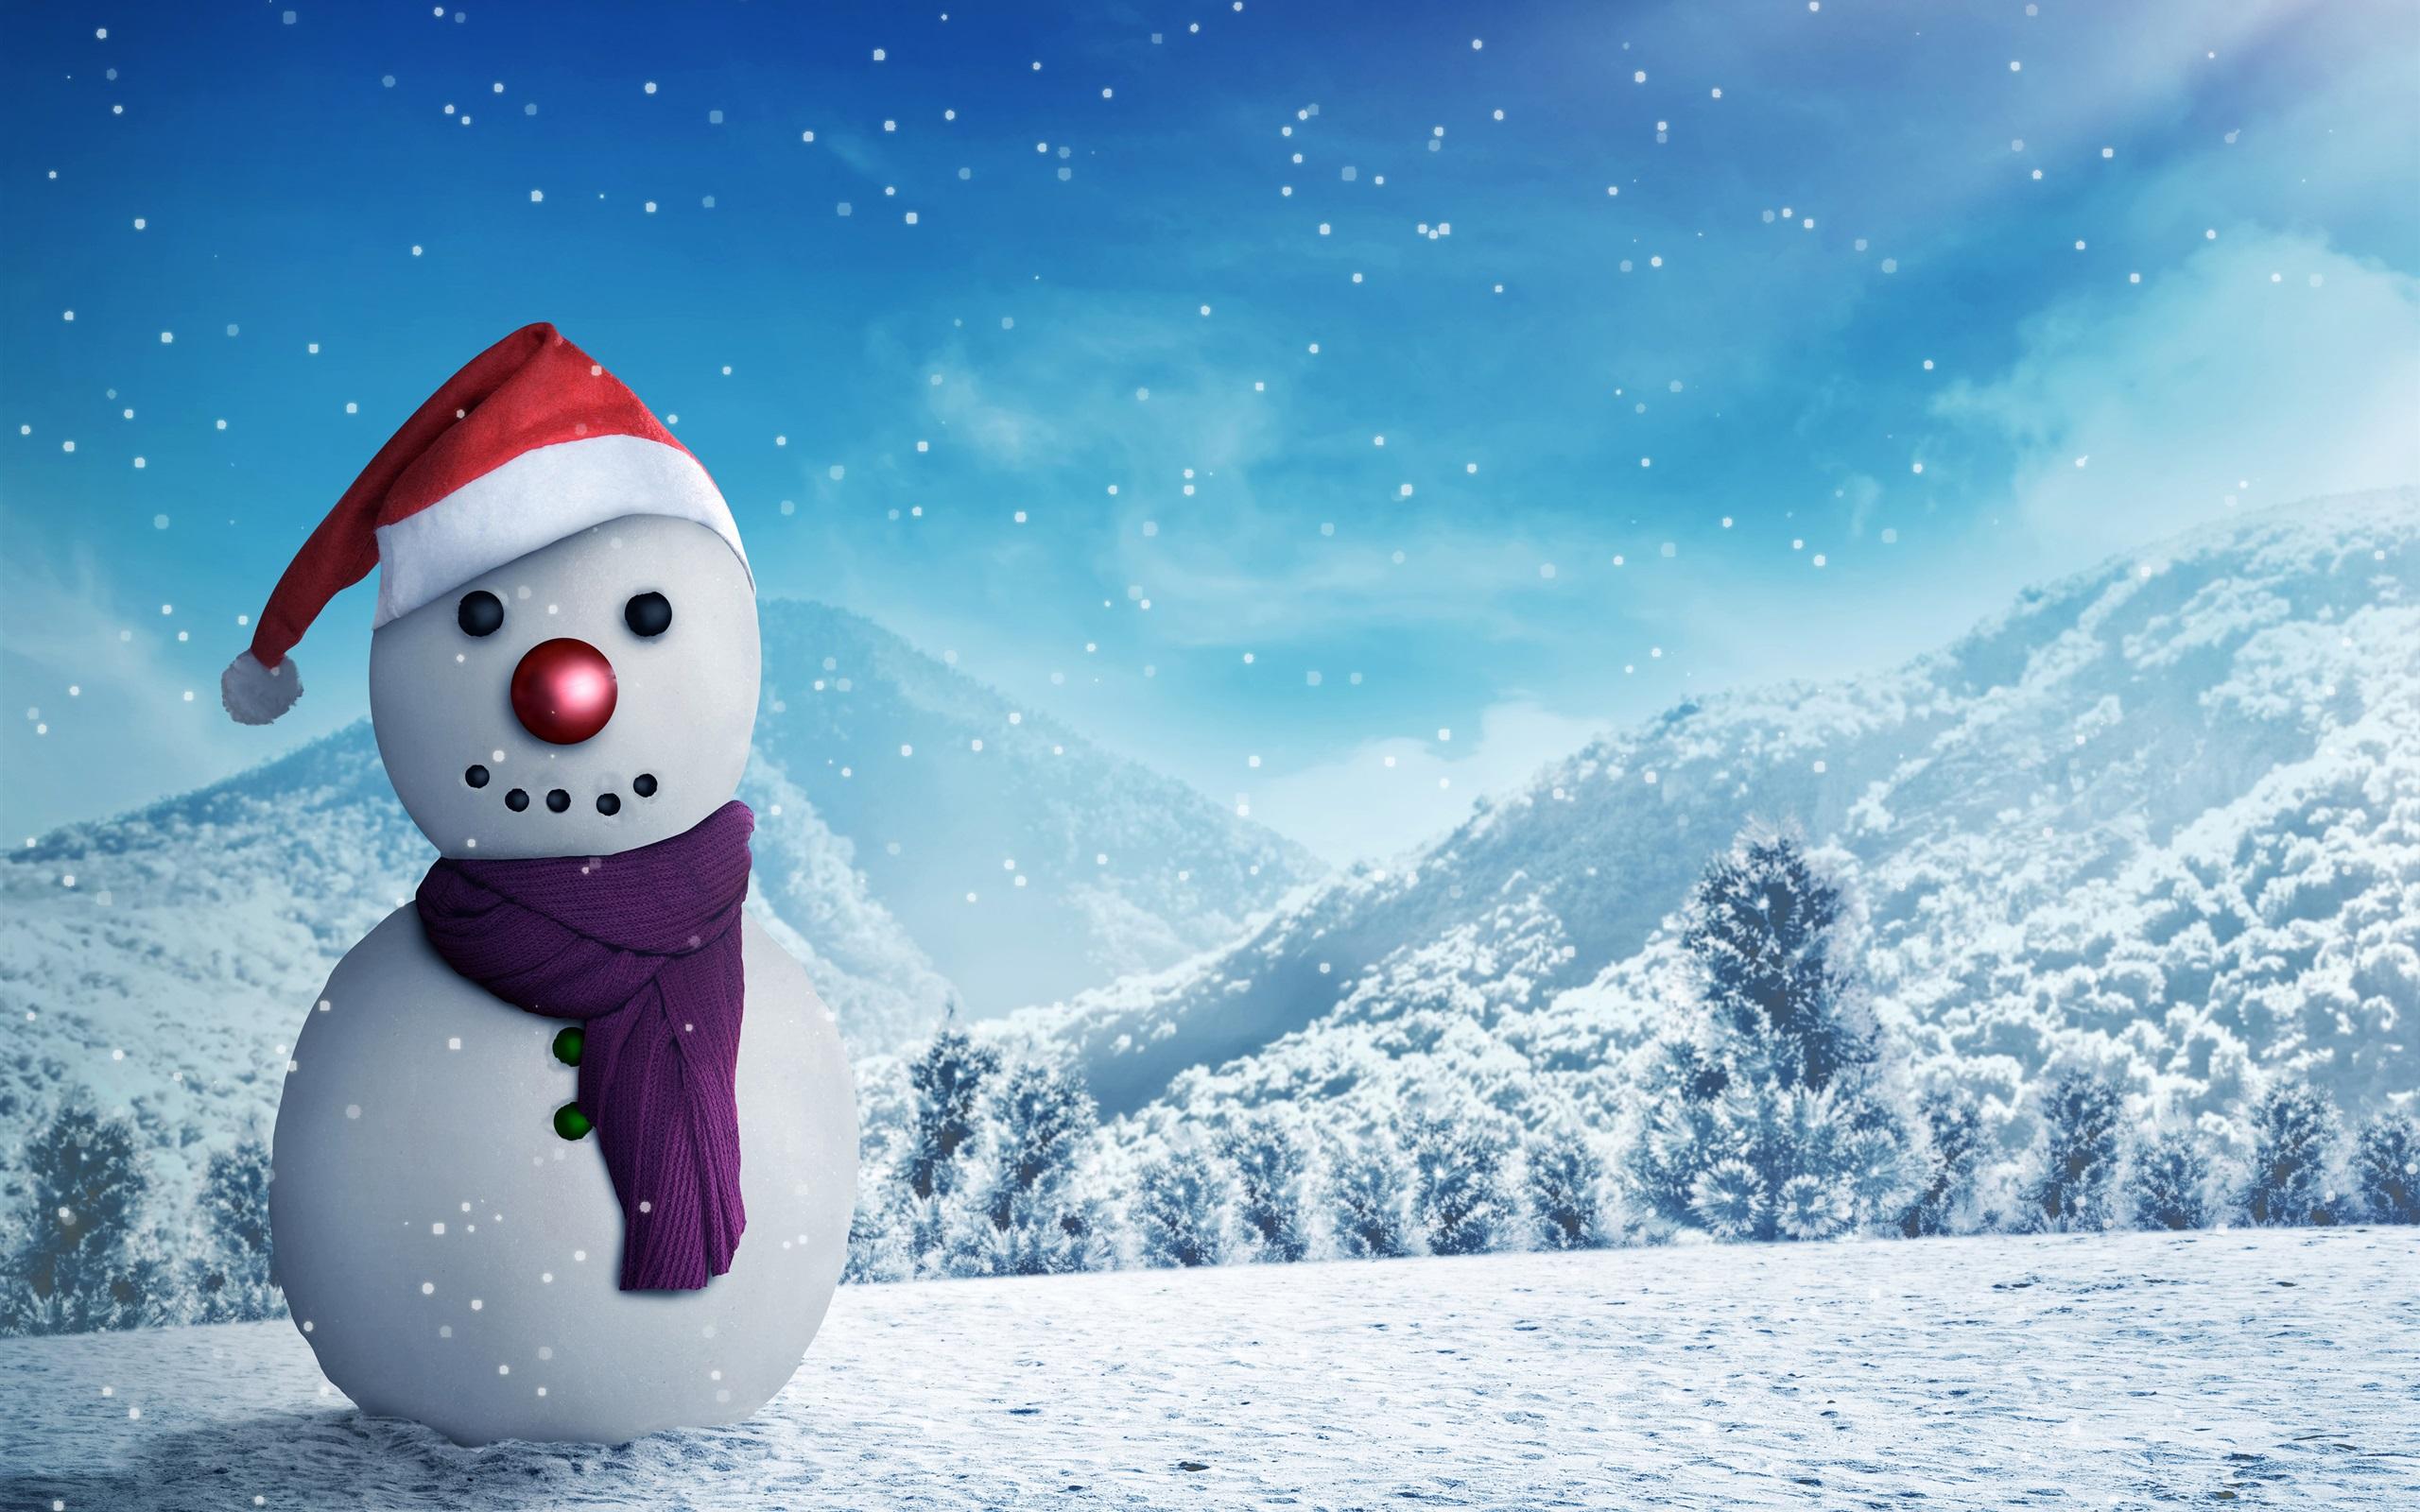 壁紙 雪だるま 冬 雪 新年 3840x2160 Uhd 4k 無料のデスクトップの